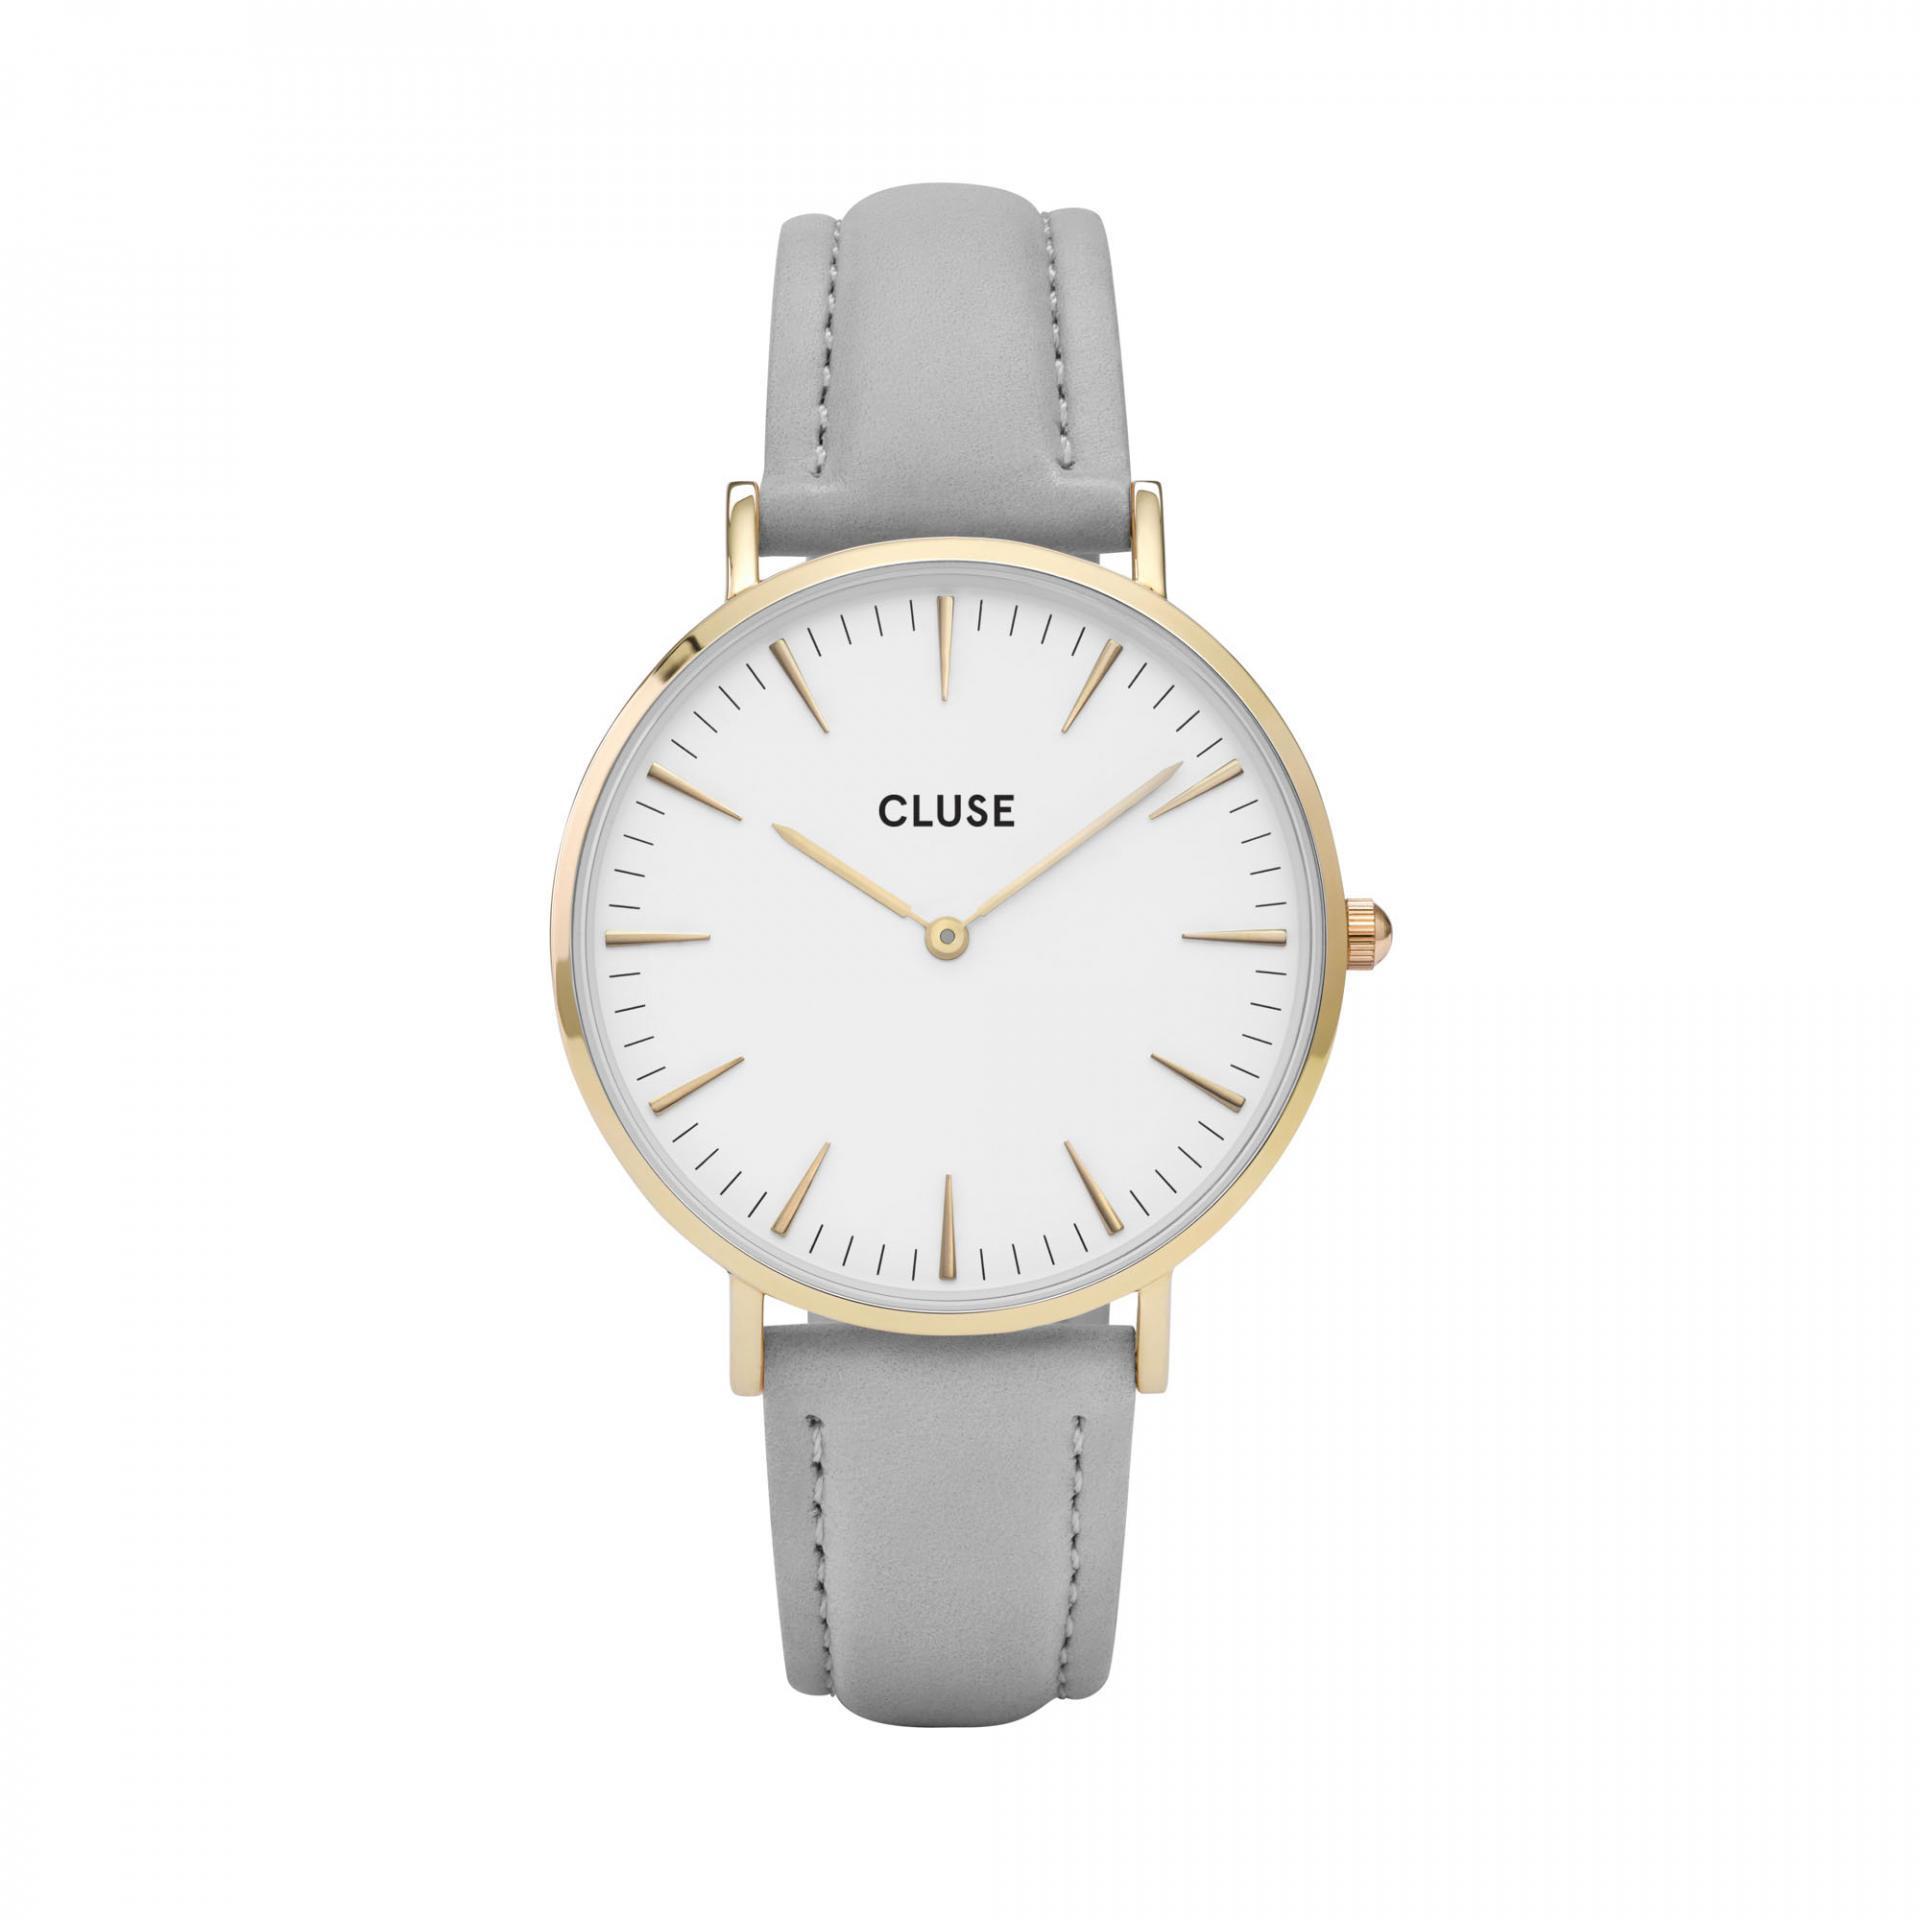 CLUSE Hodinky Cluse La Bohéme Gold white/grey, šedá barva, bílá barva, sklo, kov, kůže